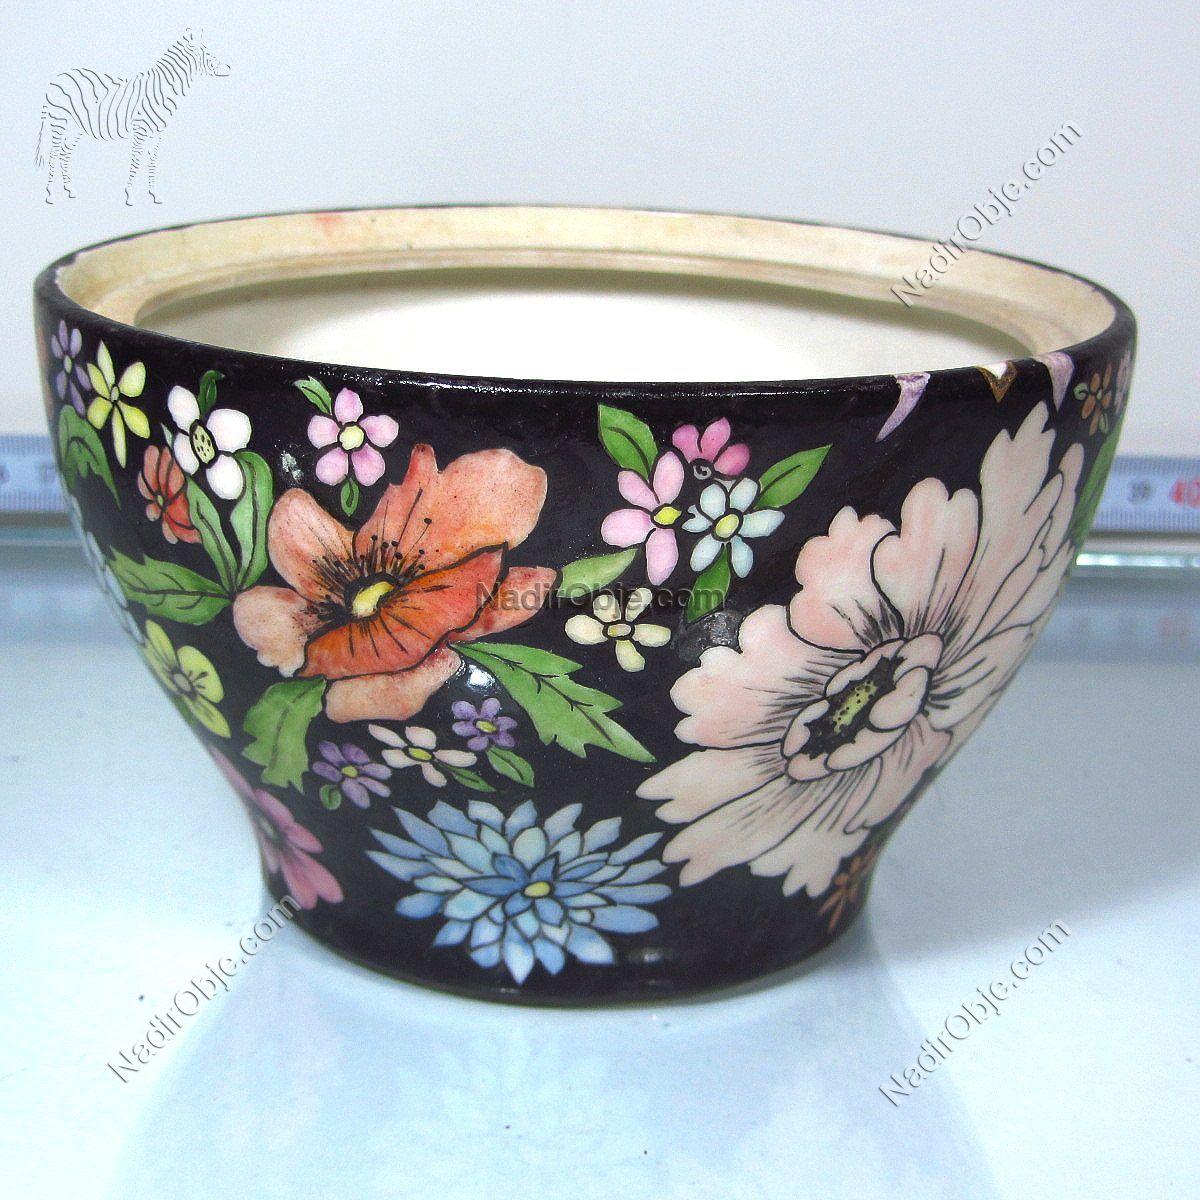 El Boyama Porselen Kase Seramik-Porselen Objeler Elişi